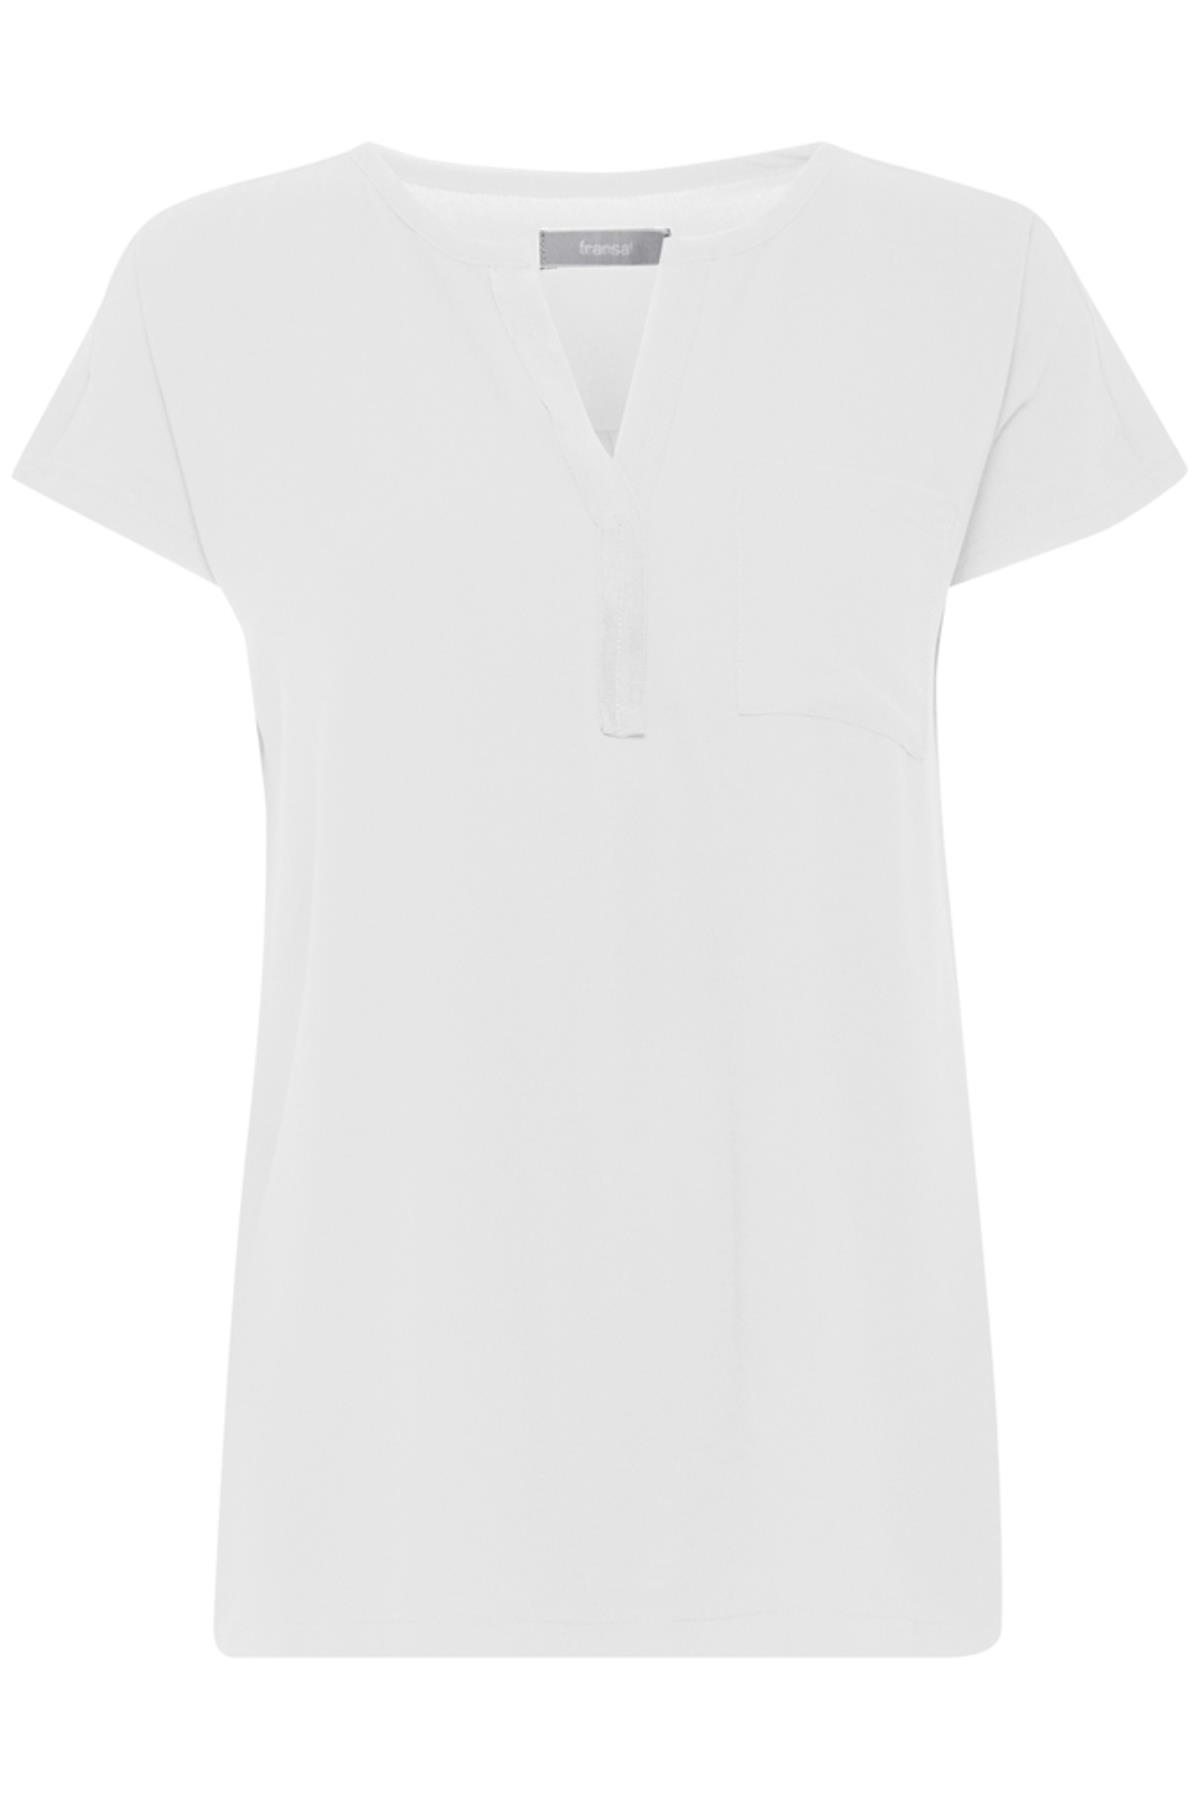 Wollweiß Kurzarm-Bluse von Fransa – Shoppen Sie Wollweiß Kurzarm-Bluse ab Gr. XS-XXL hier